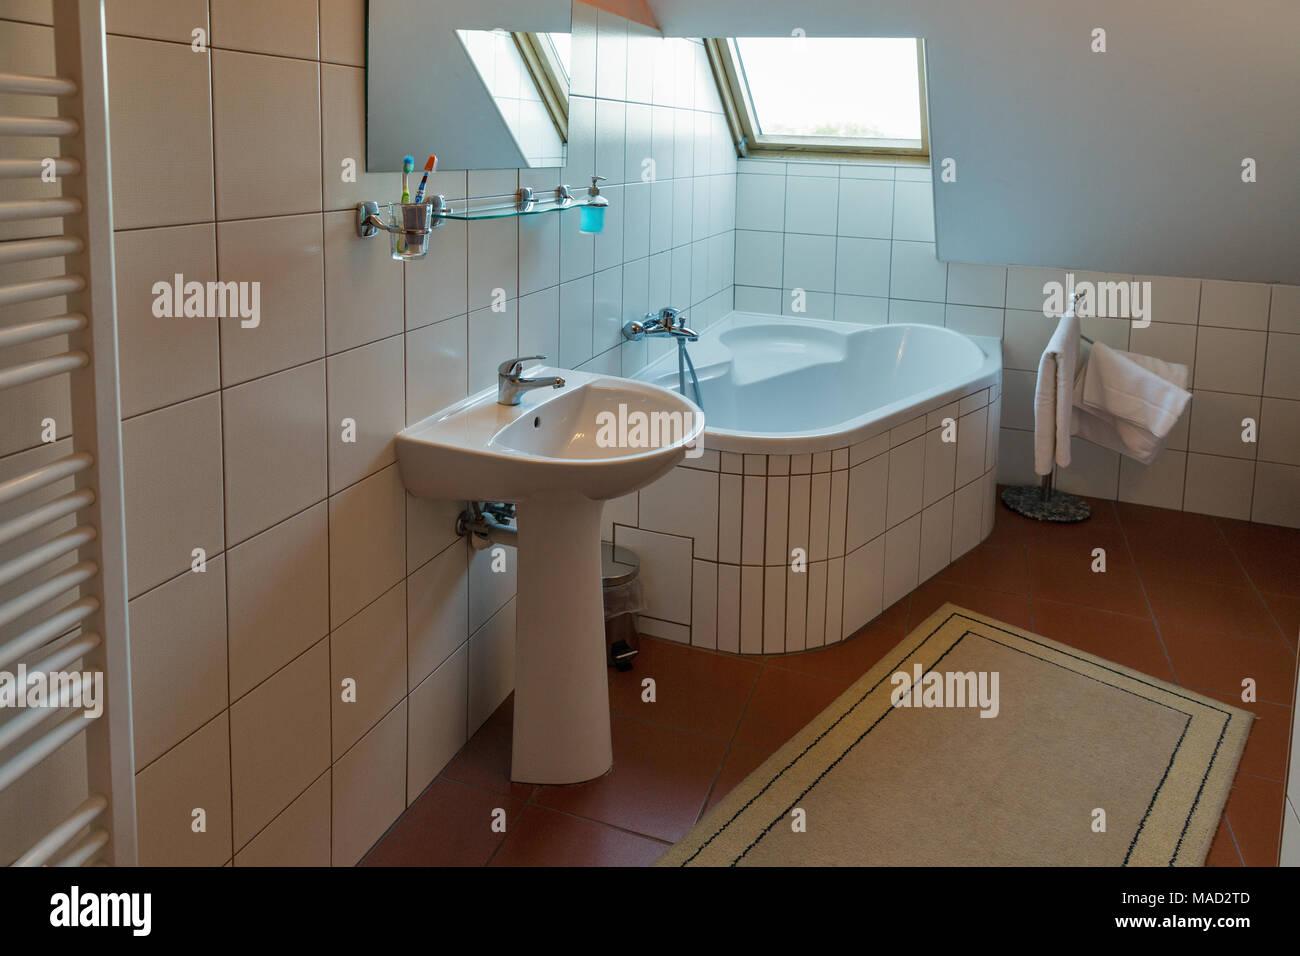 Modernes weißes, kleines Bad mit Eckbadewanne, Waschbecken, Spiegel ...